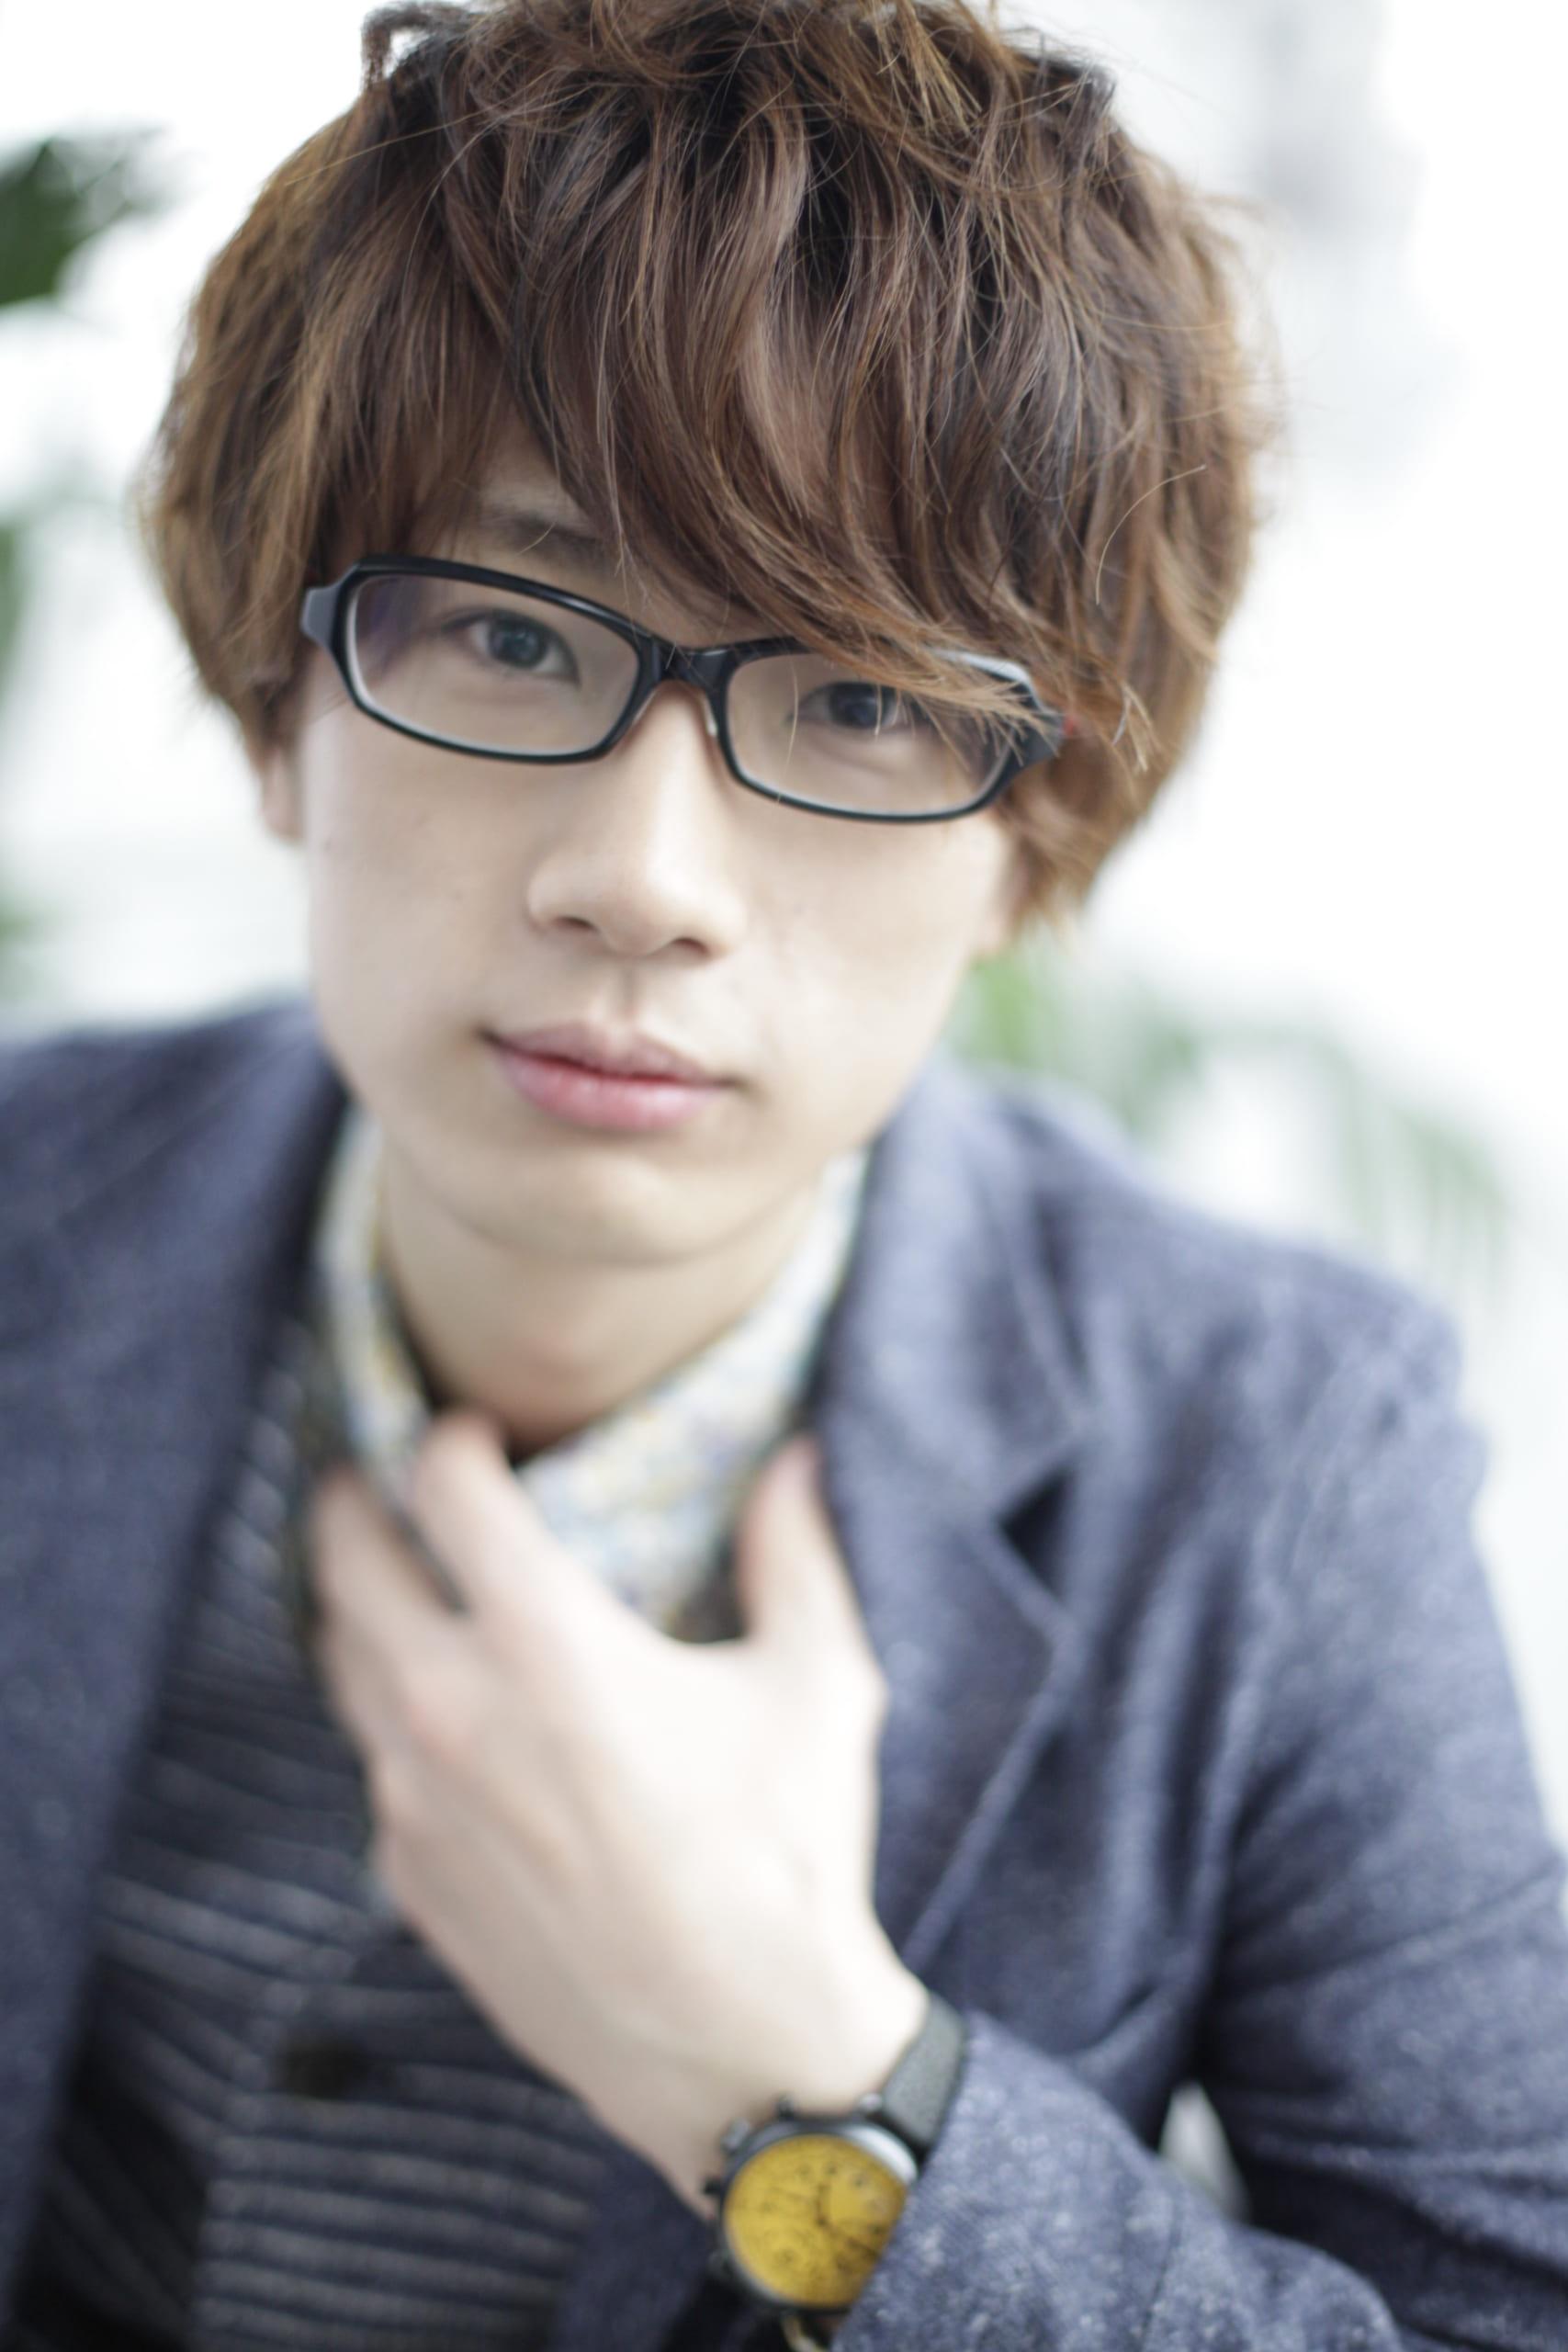 江口拓也さんがカレー役、西山宏太朗さんがハンバーグ役!人格があるフードが熾烈なバトル